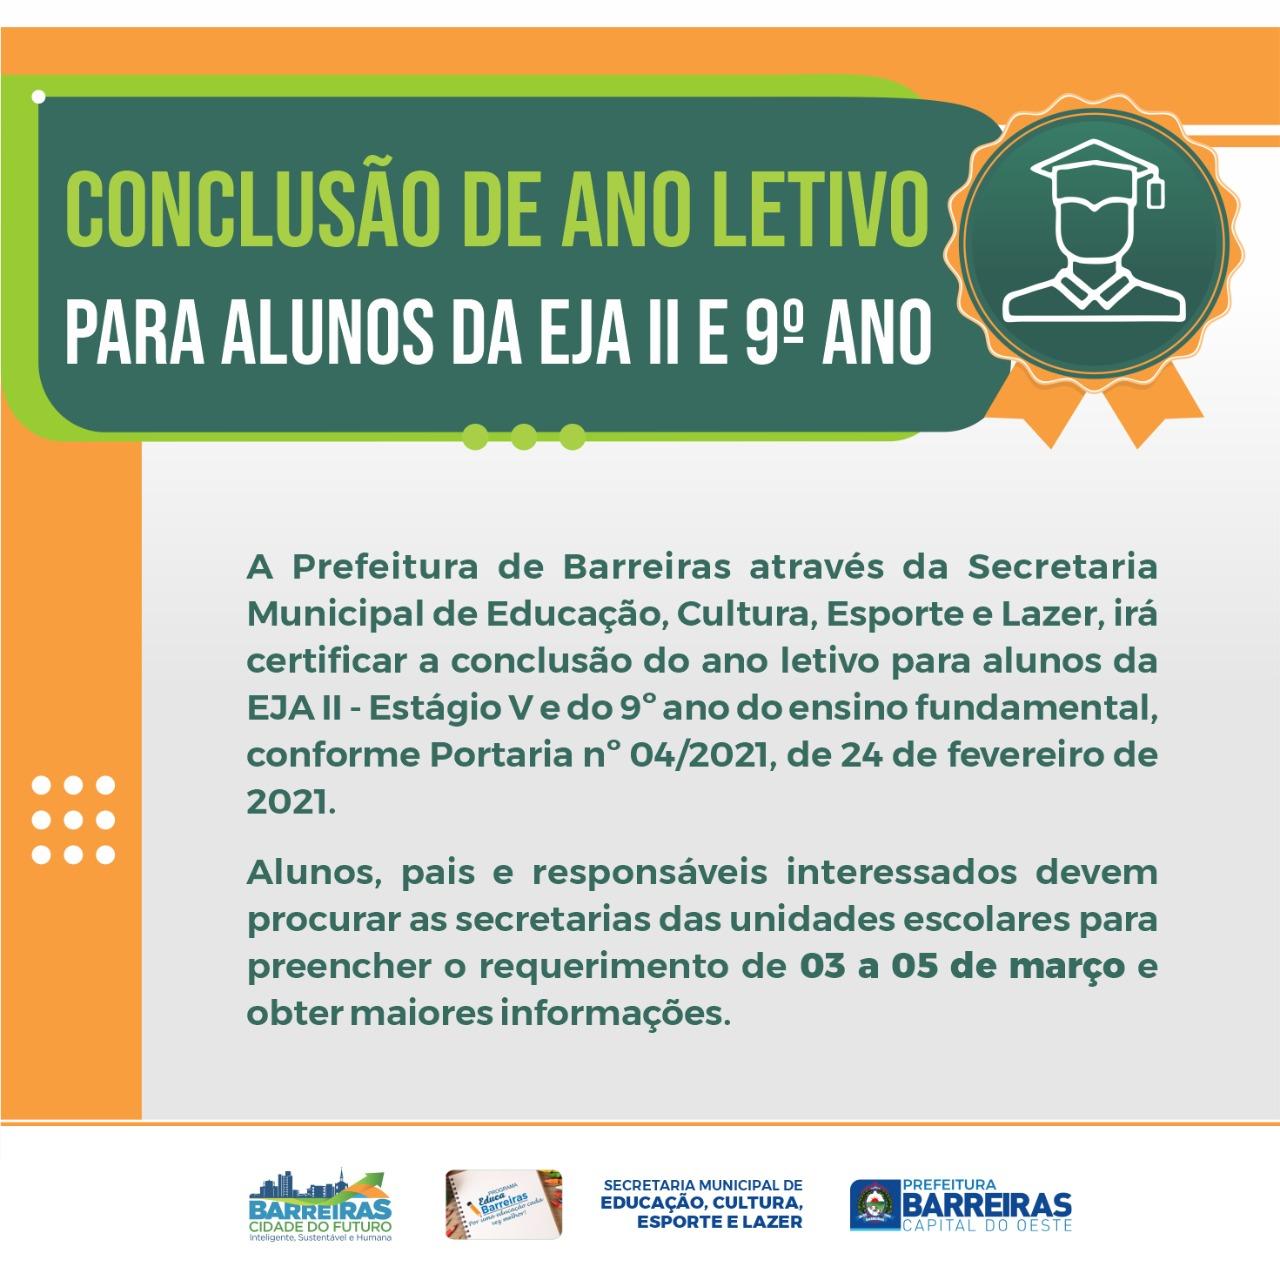 Secretaria de Educação de Barreiras vai certificar alunos do 9º ano e EJA II para conclusão do ano letivo 2020